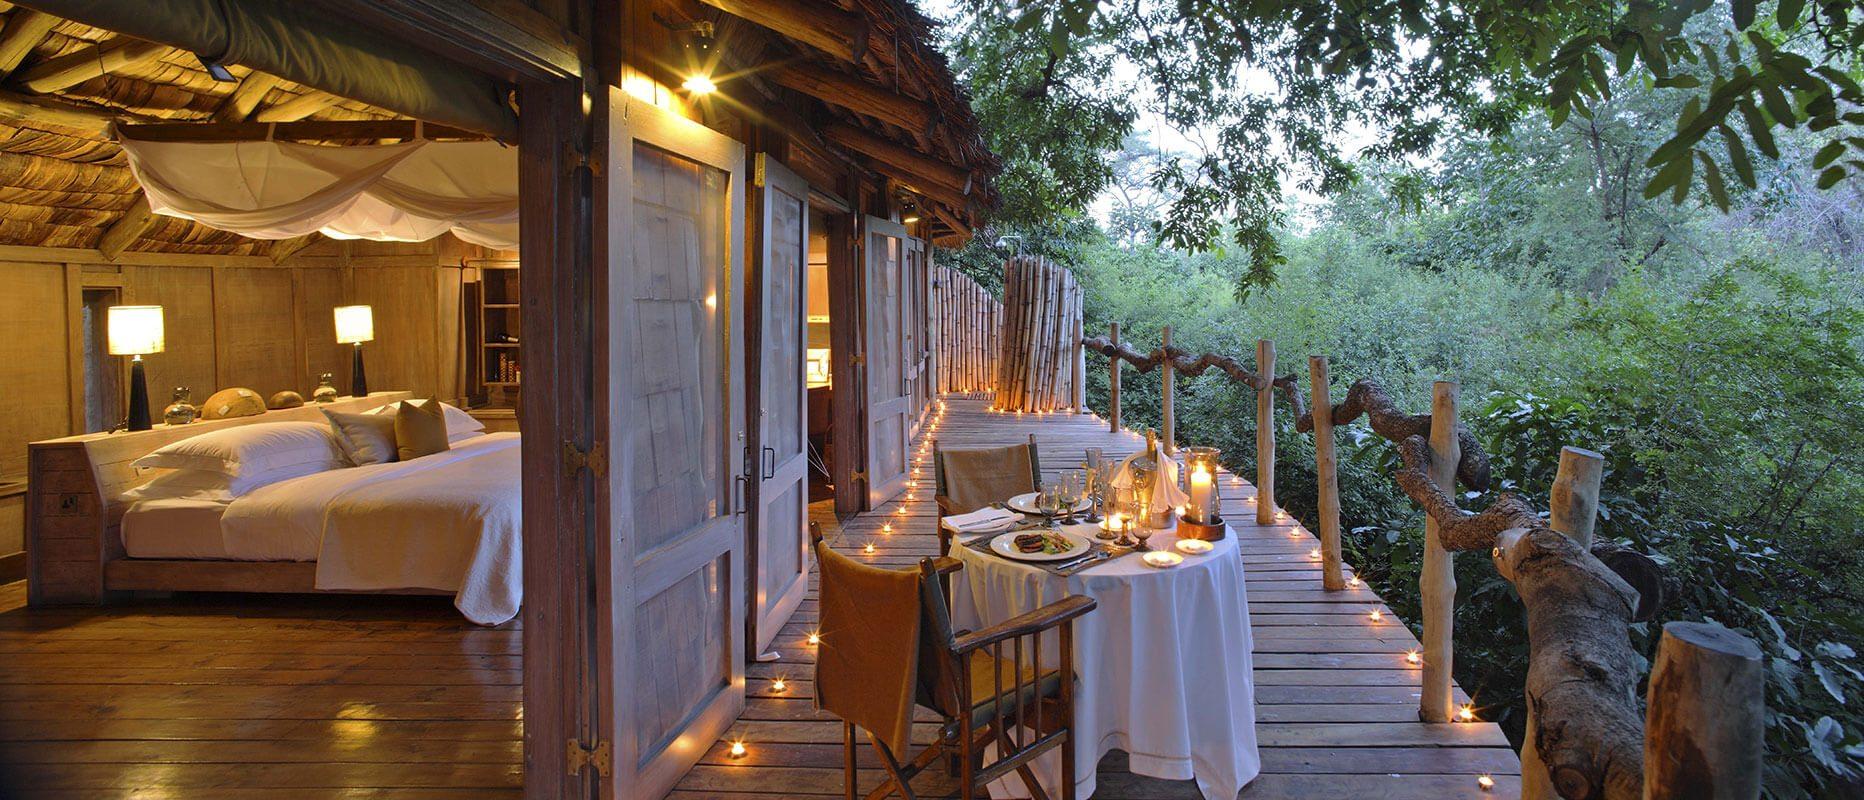 Tanzania_NorthLakeManyara__Beyond Lake Manyara Private Dining In Room